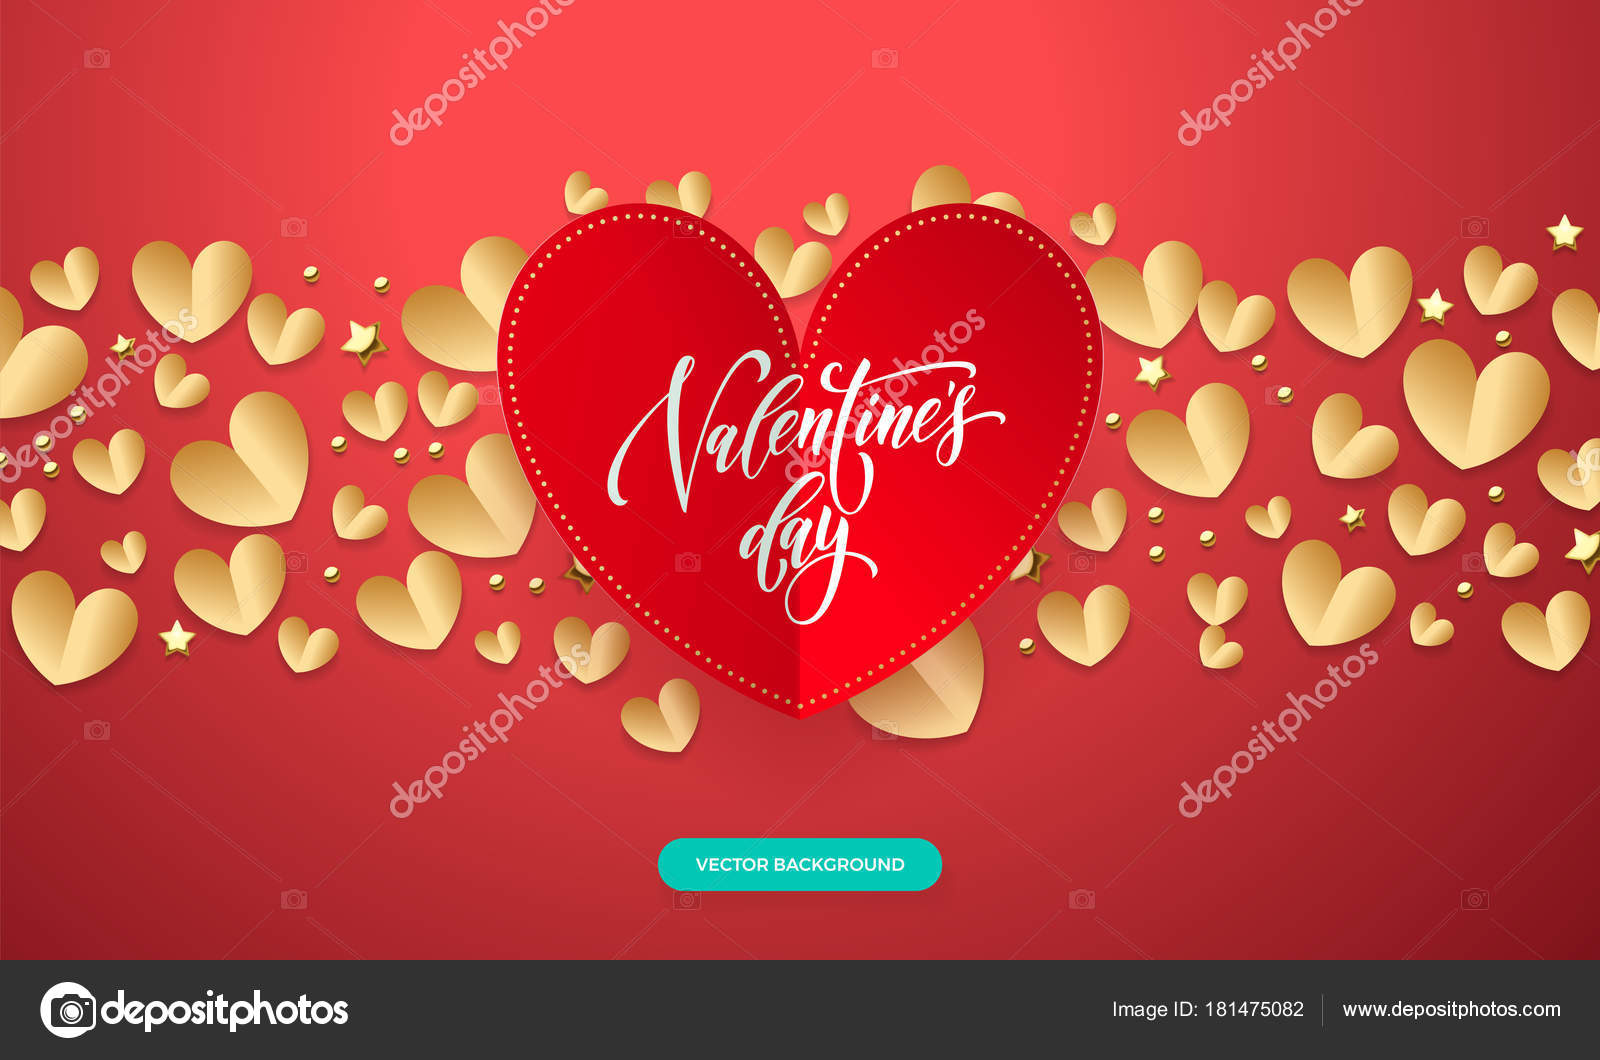 San Valentín de vectores de fondo romántico rojo y oro papel corte ...